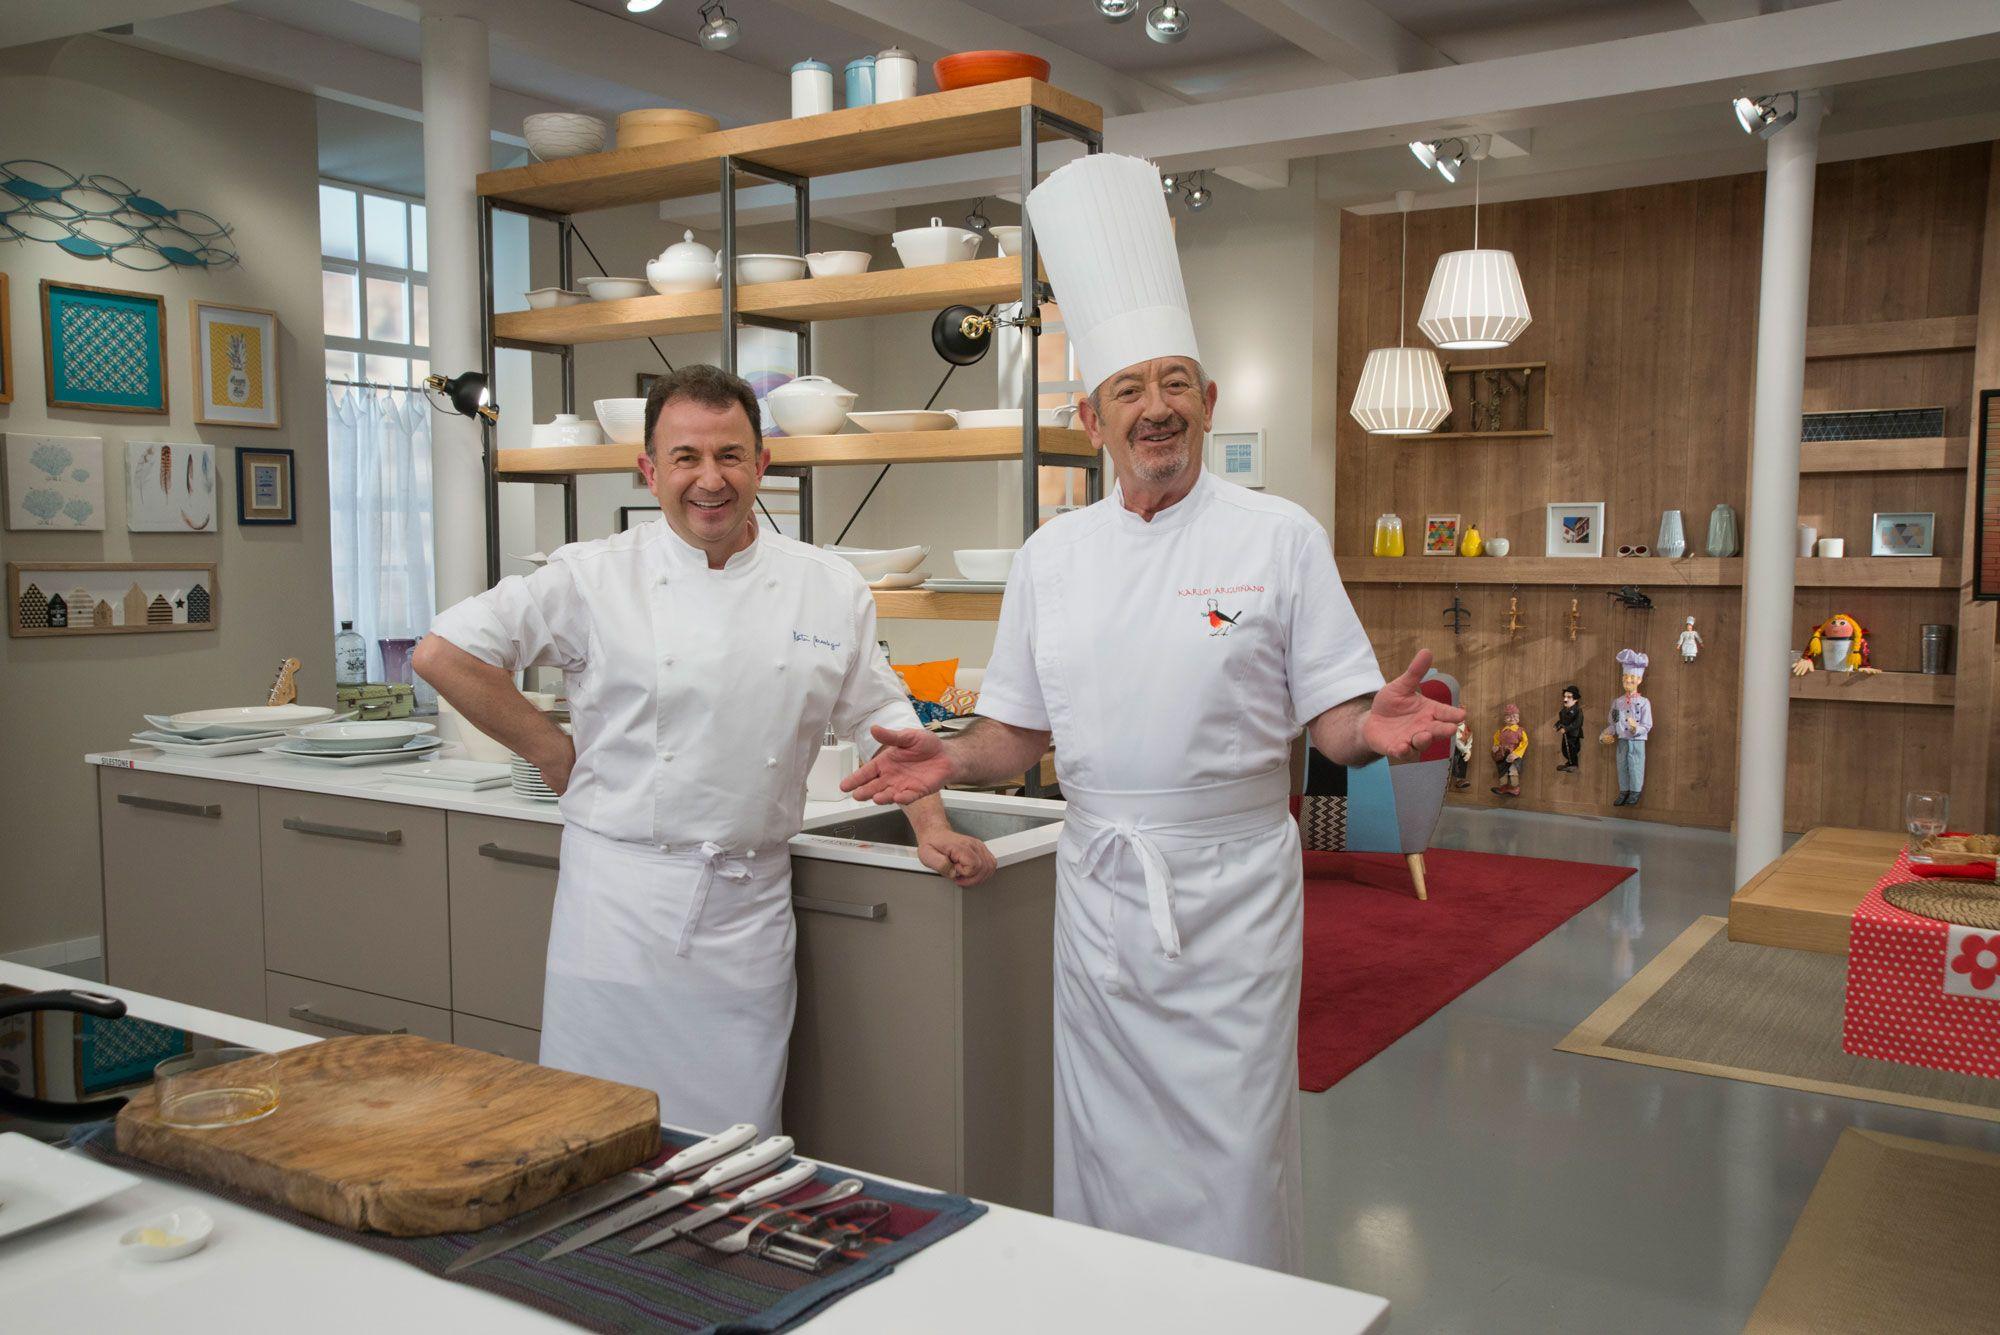 Karlos Arguiñano con el 'maestro' Martín Bersategui, el cocinero con más estrellas Michelin de España